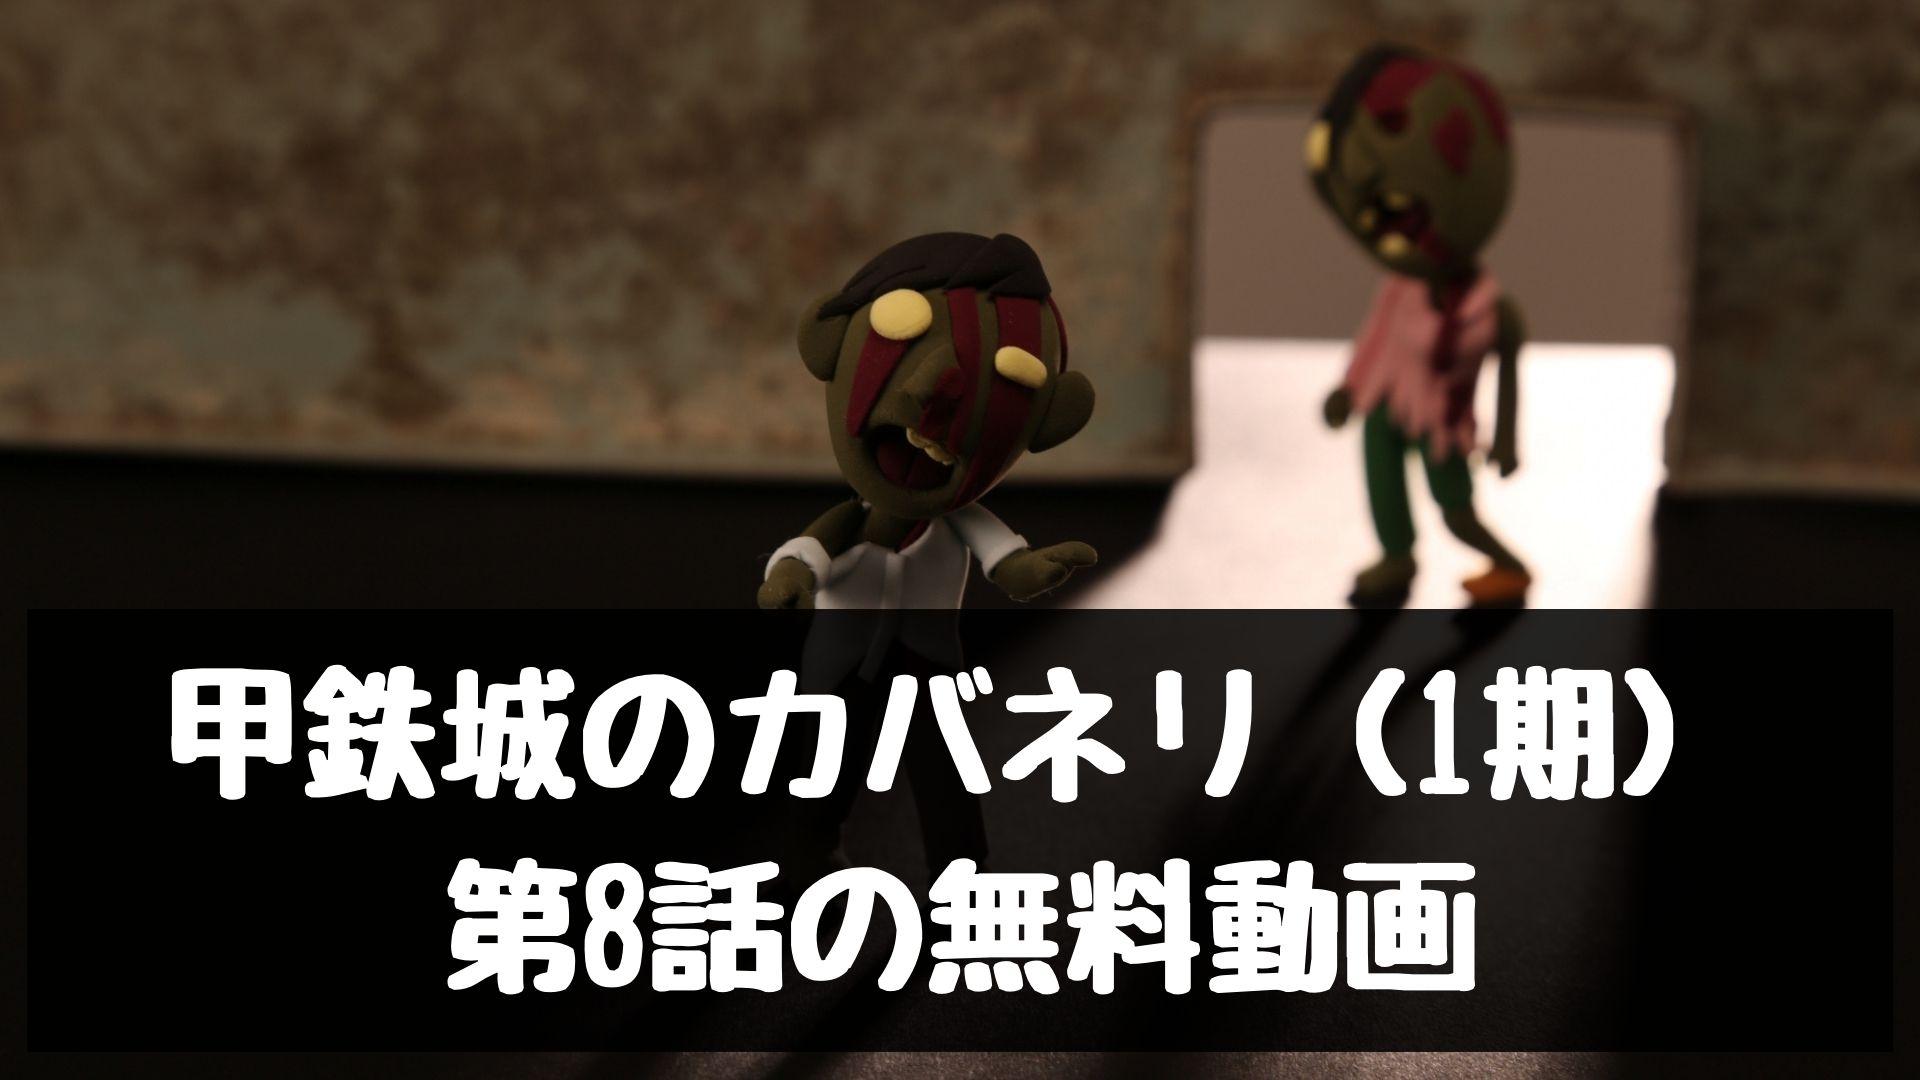 甲鉄城のカバネリ(1期) 第8話の無料動画